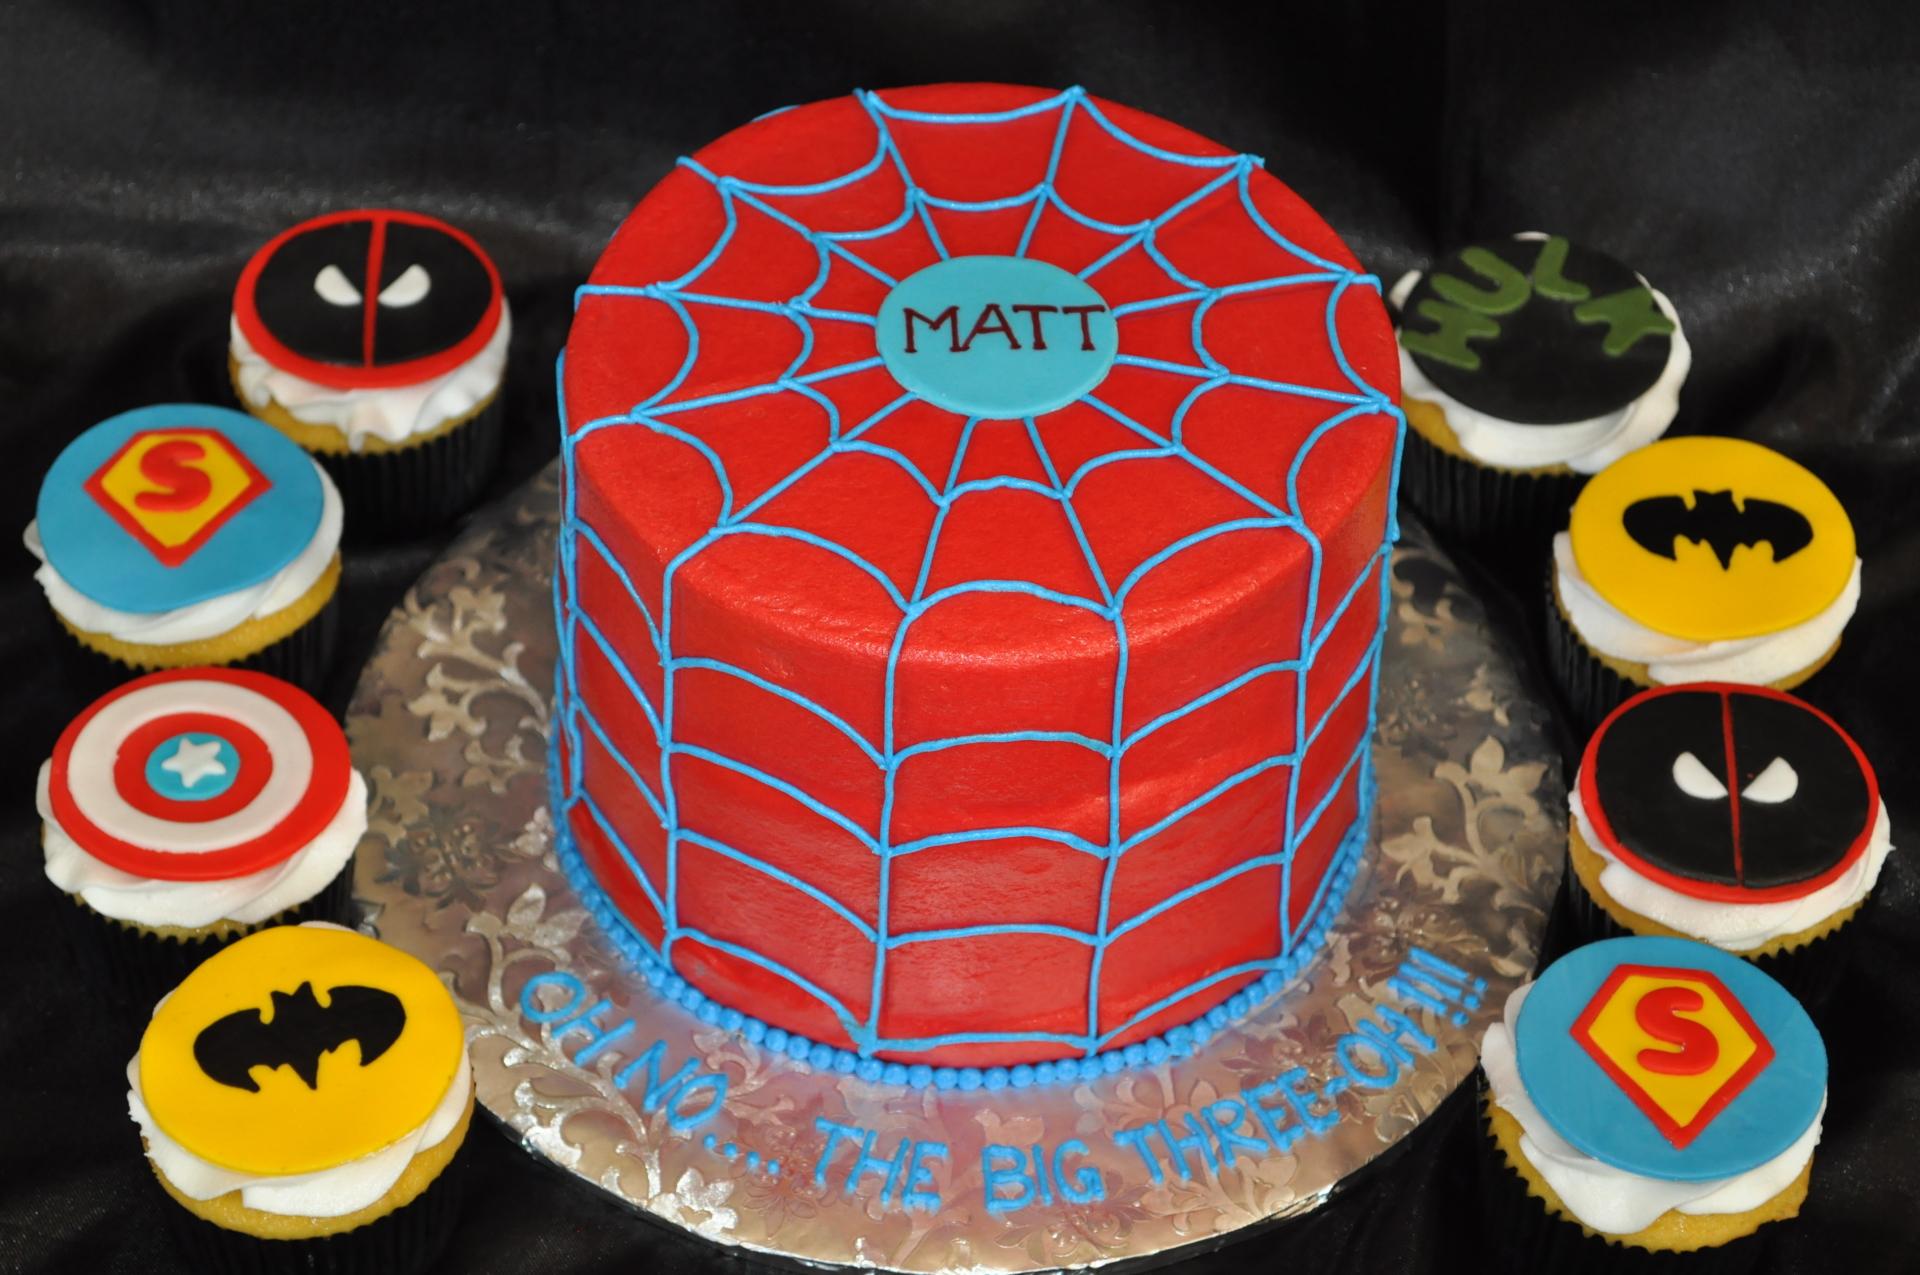 Spiderman cake, Superheroes cupcakes